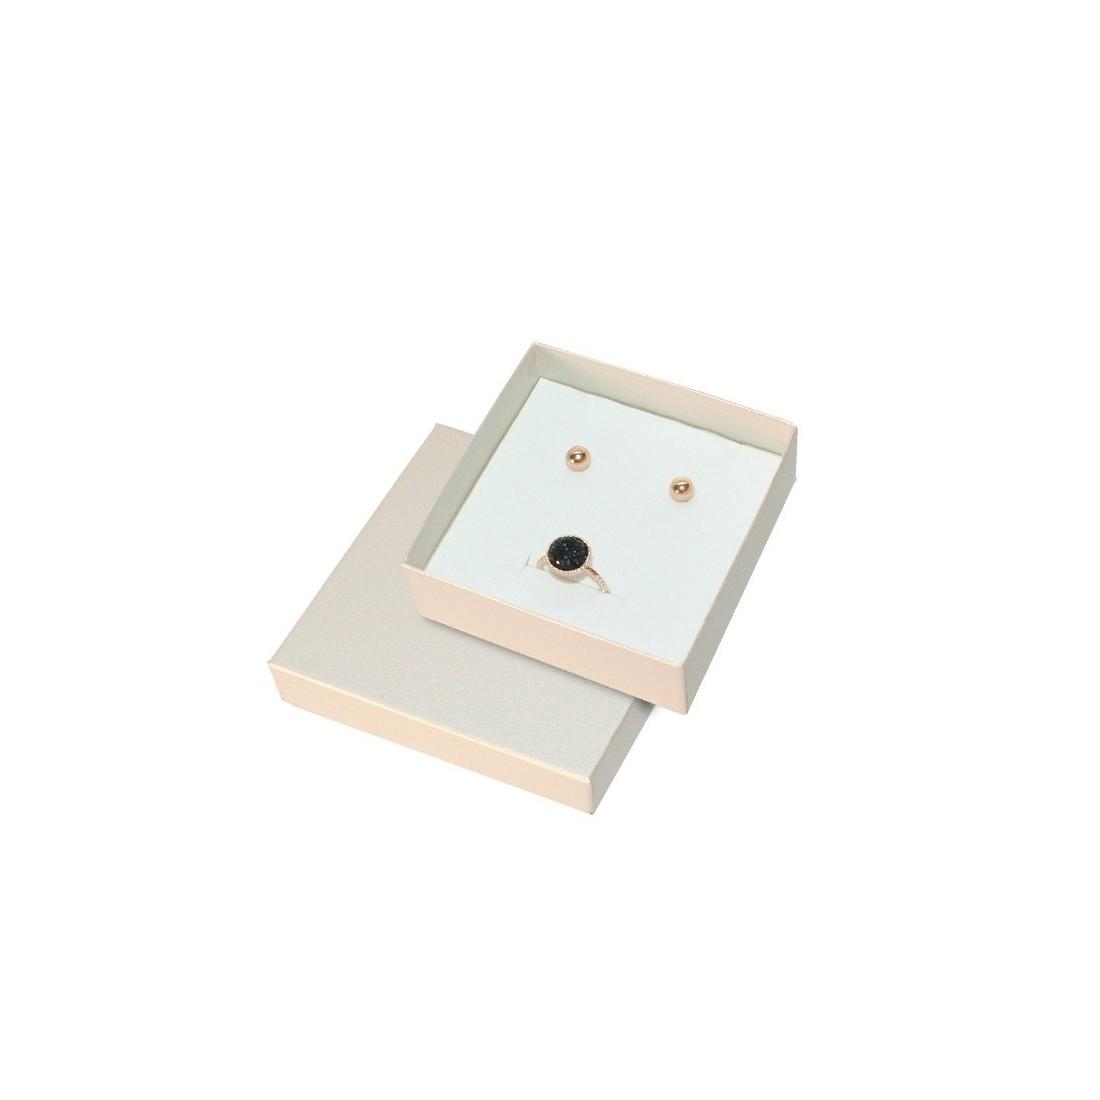 Caja Joyería Cordoba Metallic Juego